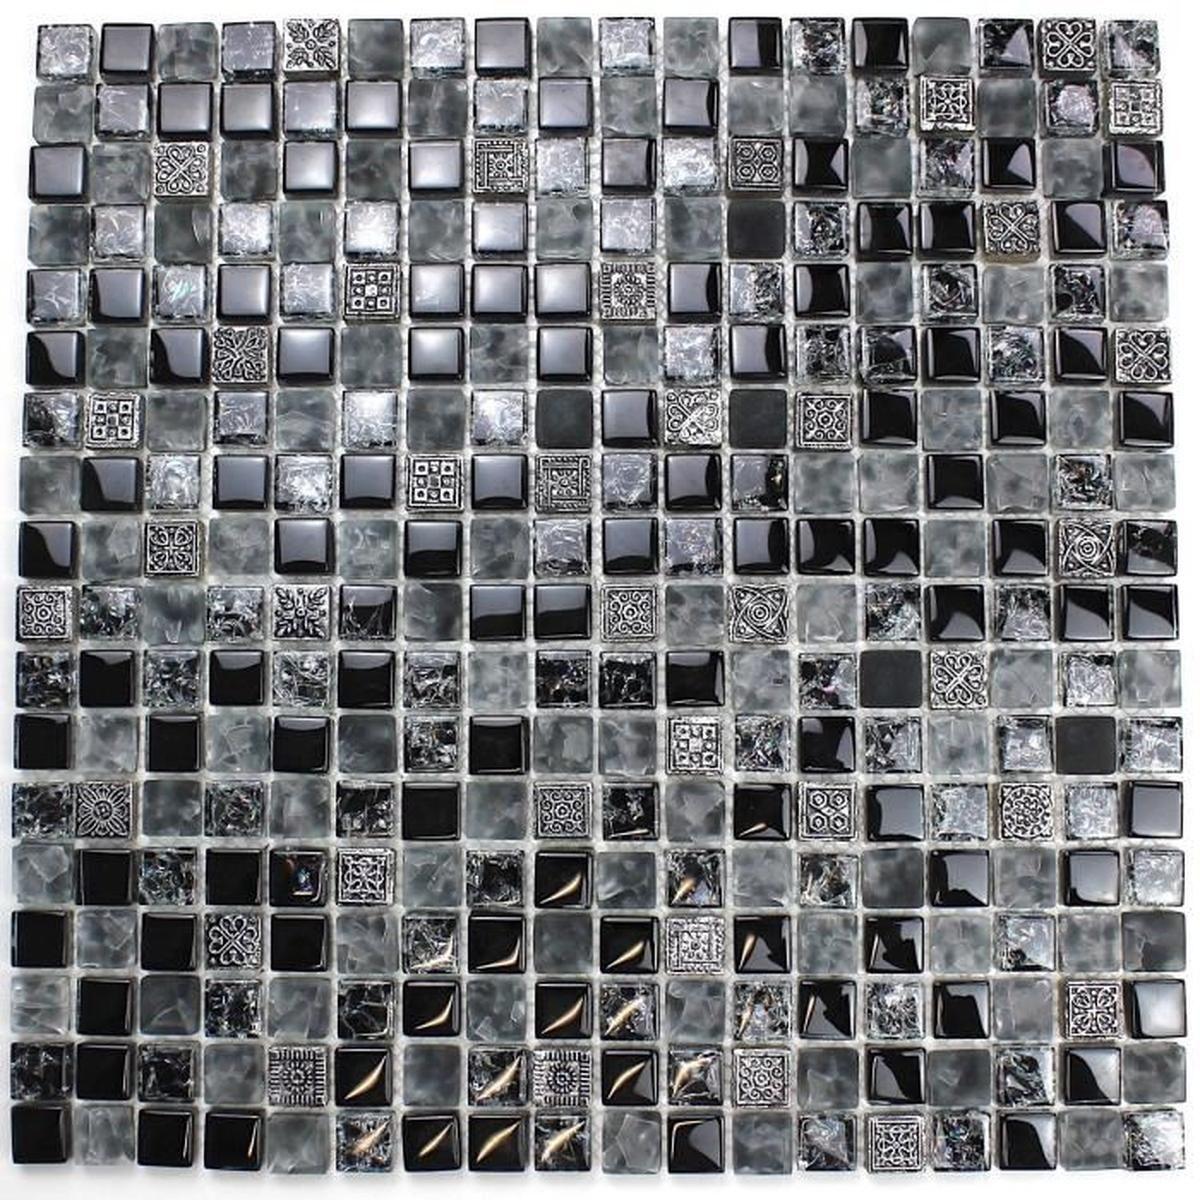 Carrelage Salle De Bain Mosaique Carrelage Mosaique En Verre Et Pierre Pas Cher Mvp Shiro